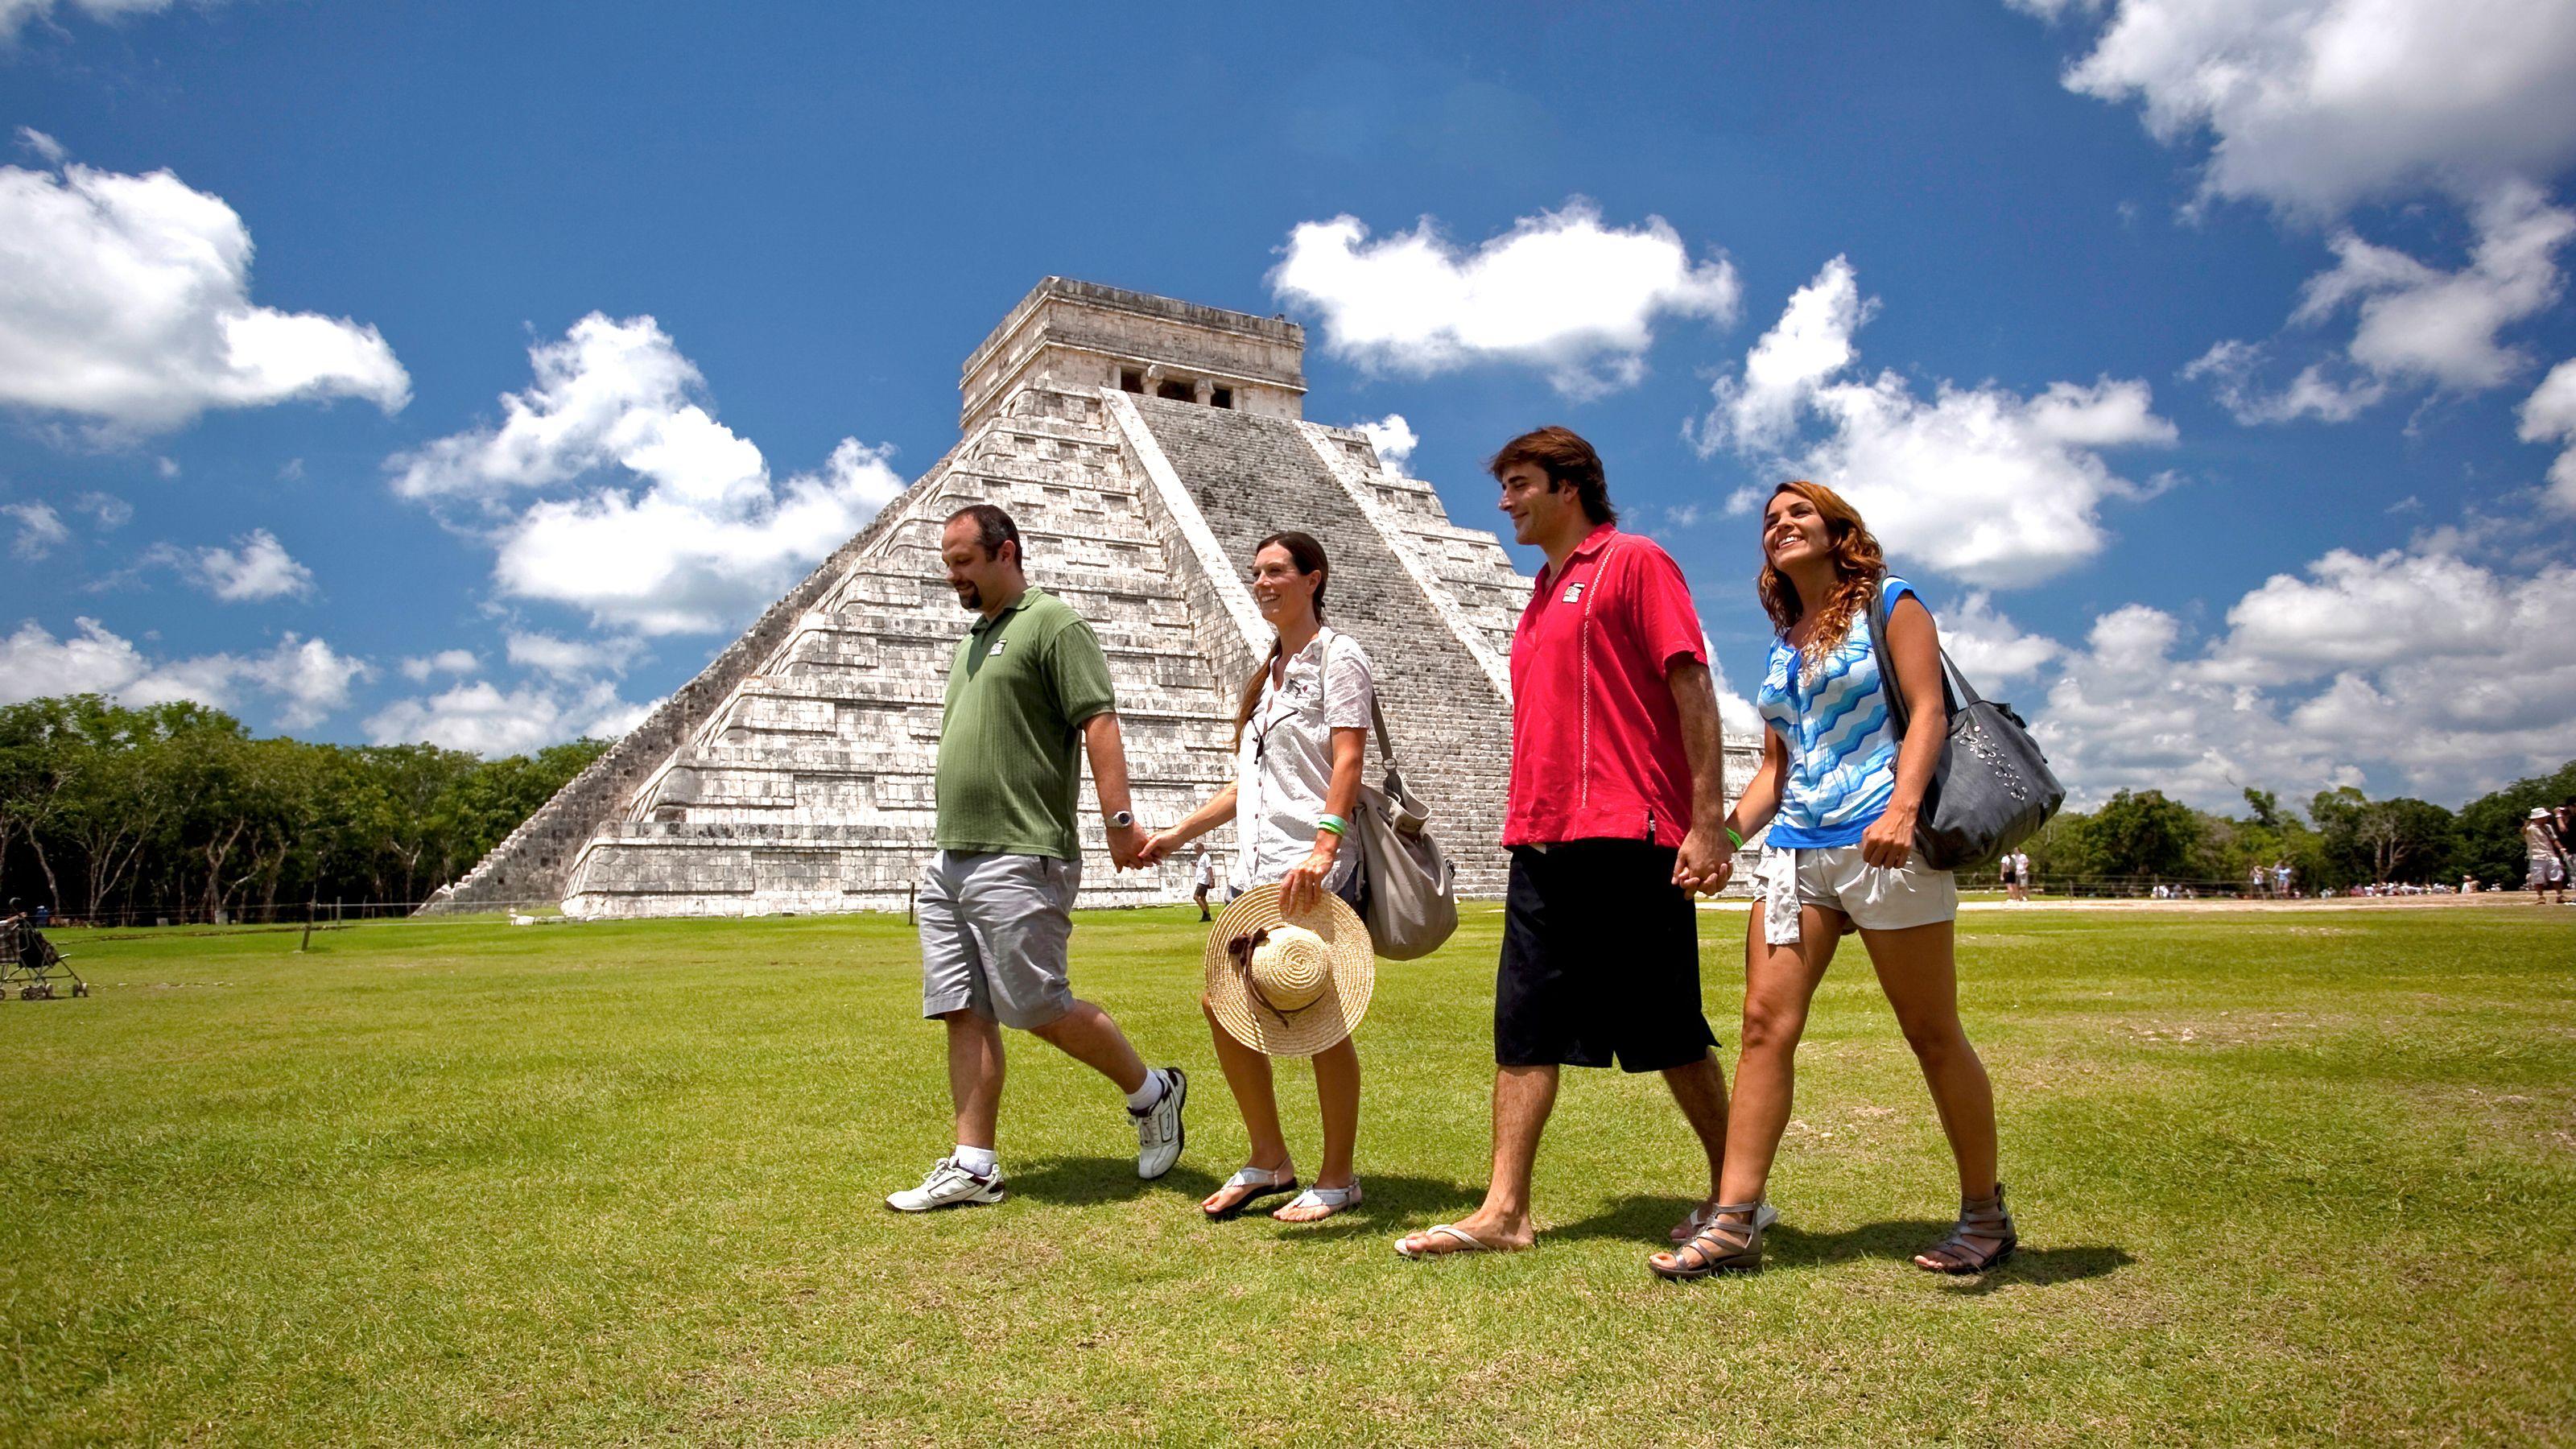 Dagstur till Chichén Itzá, Cenote Zaci och Valladolid med och lunch